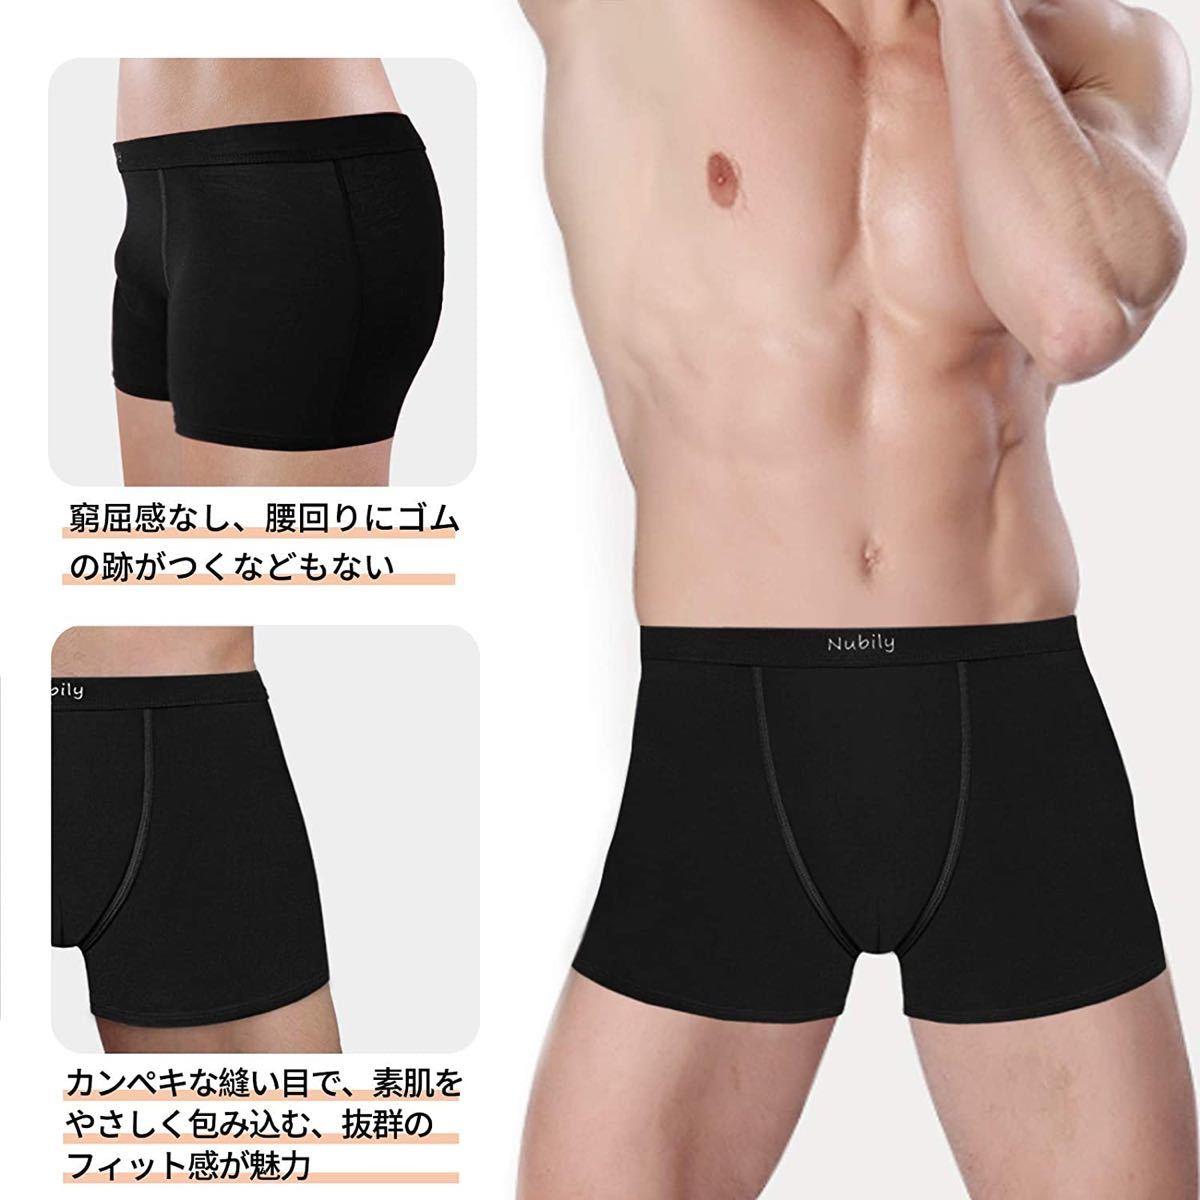 ボクサーパンツ メンズ 黒 下着 5枚セット 前閉じ 通気 吸汗速乾 男性 ボクサー ブリーフ 抗菌防臭加工